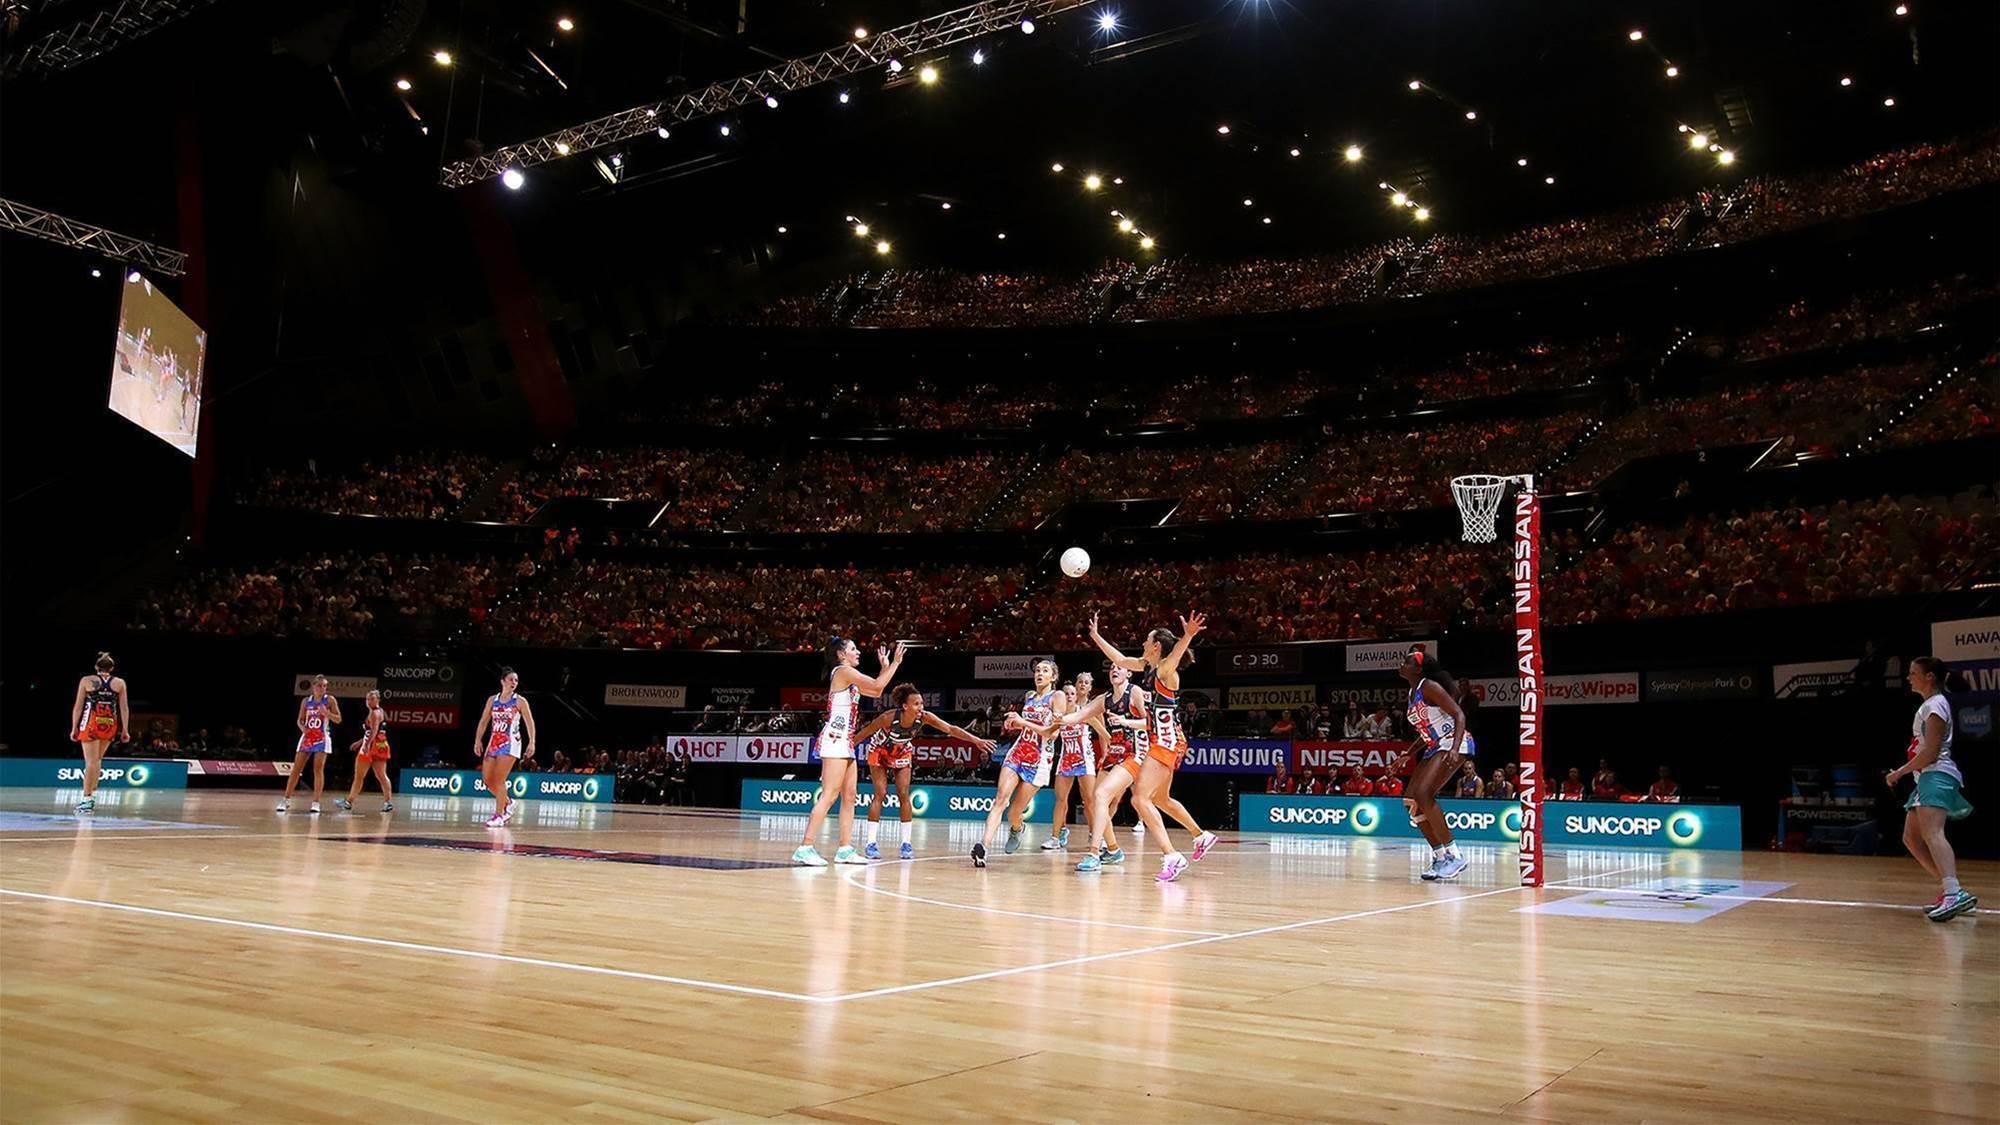 Giants ready for NSW battle